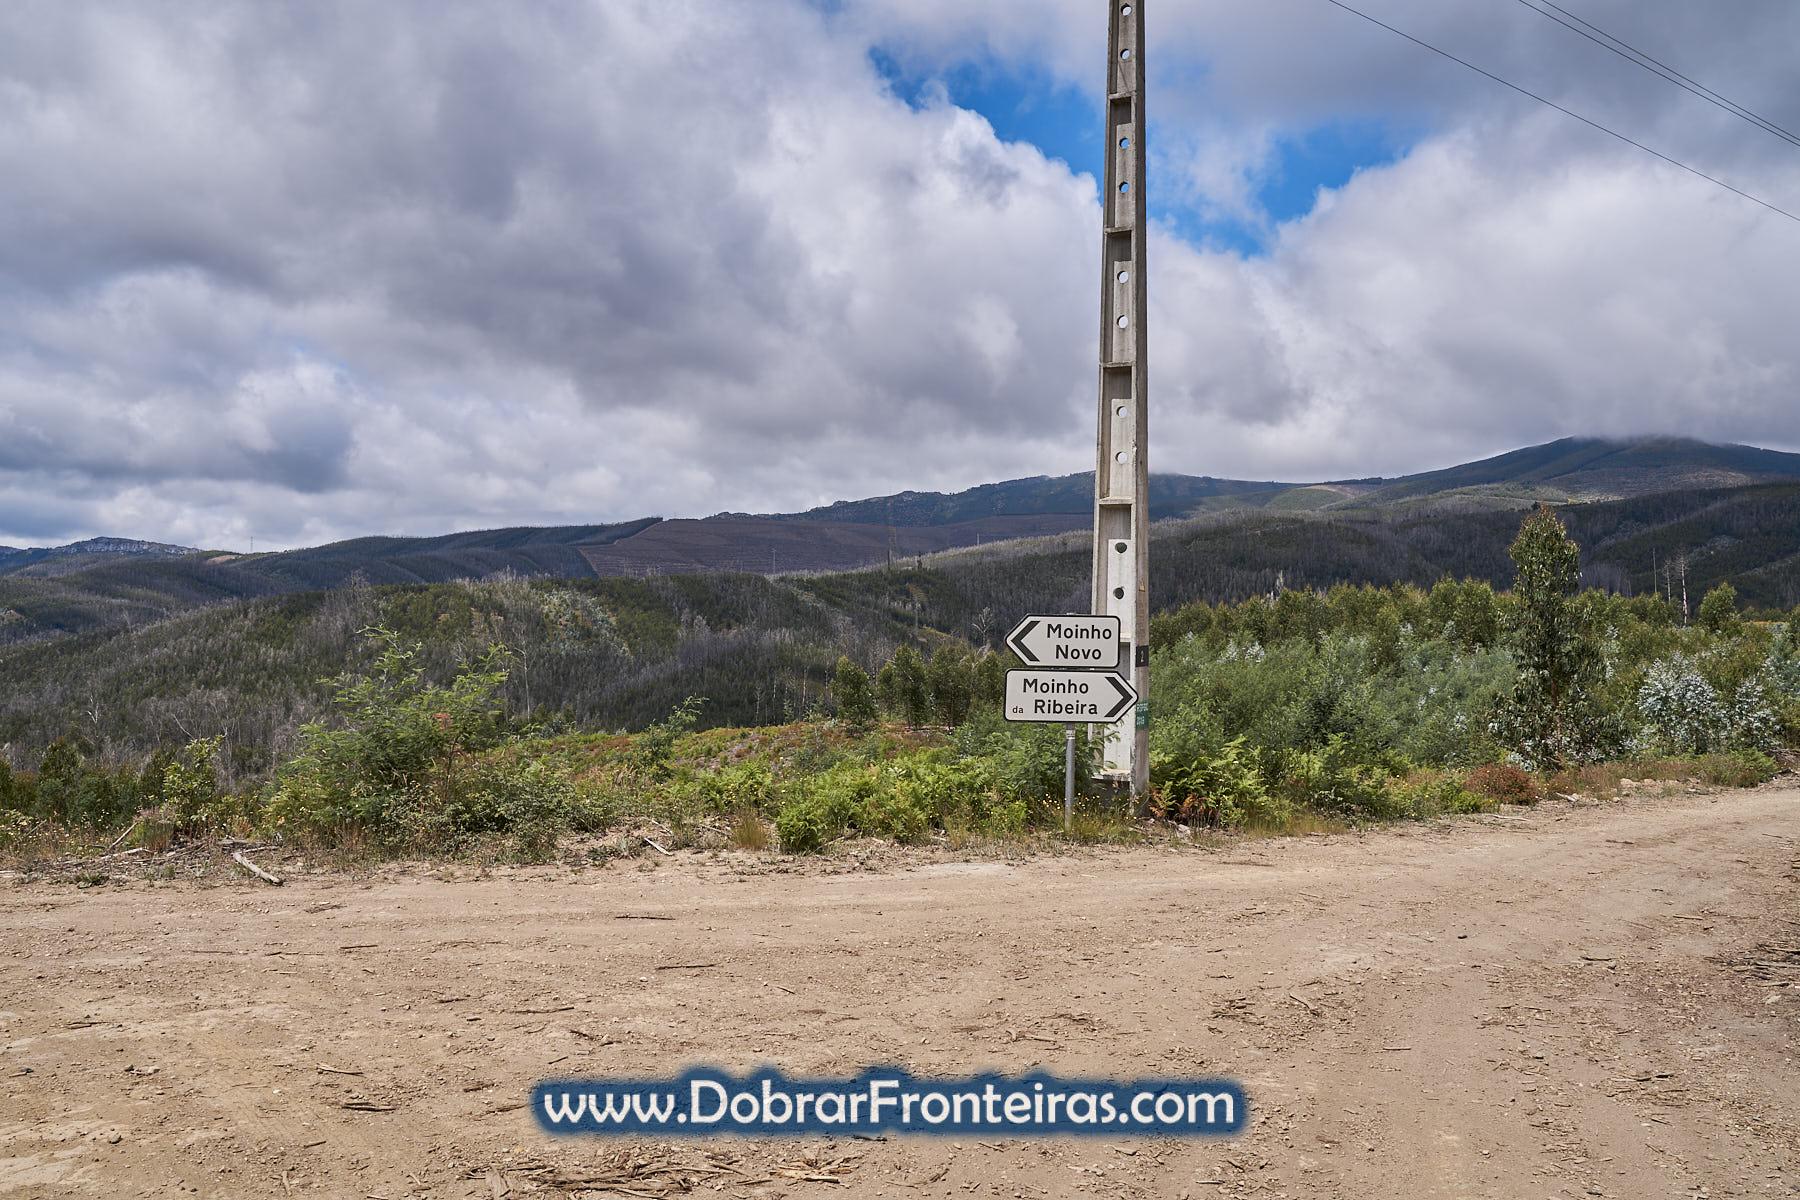 placas em estrada de terra batida na serra da Lousã